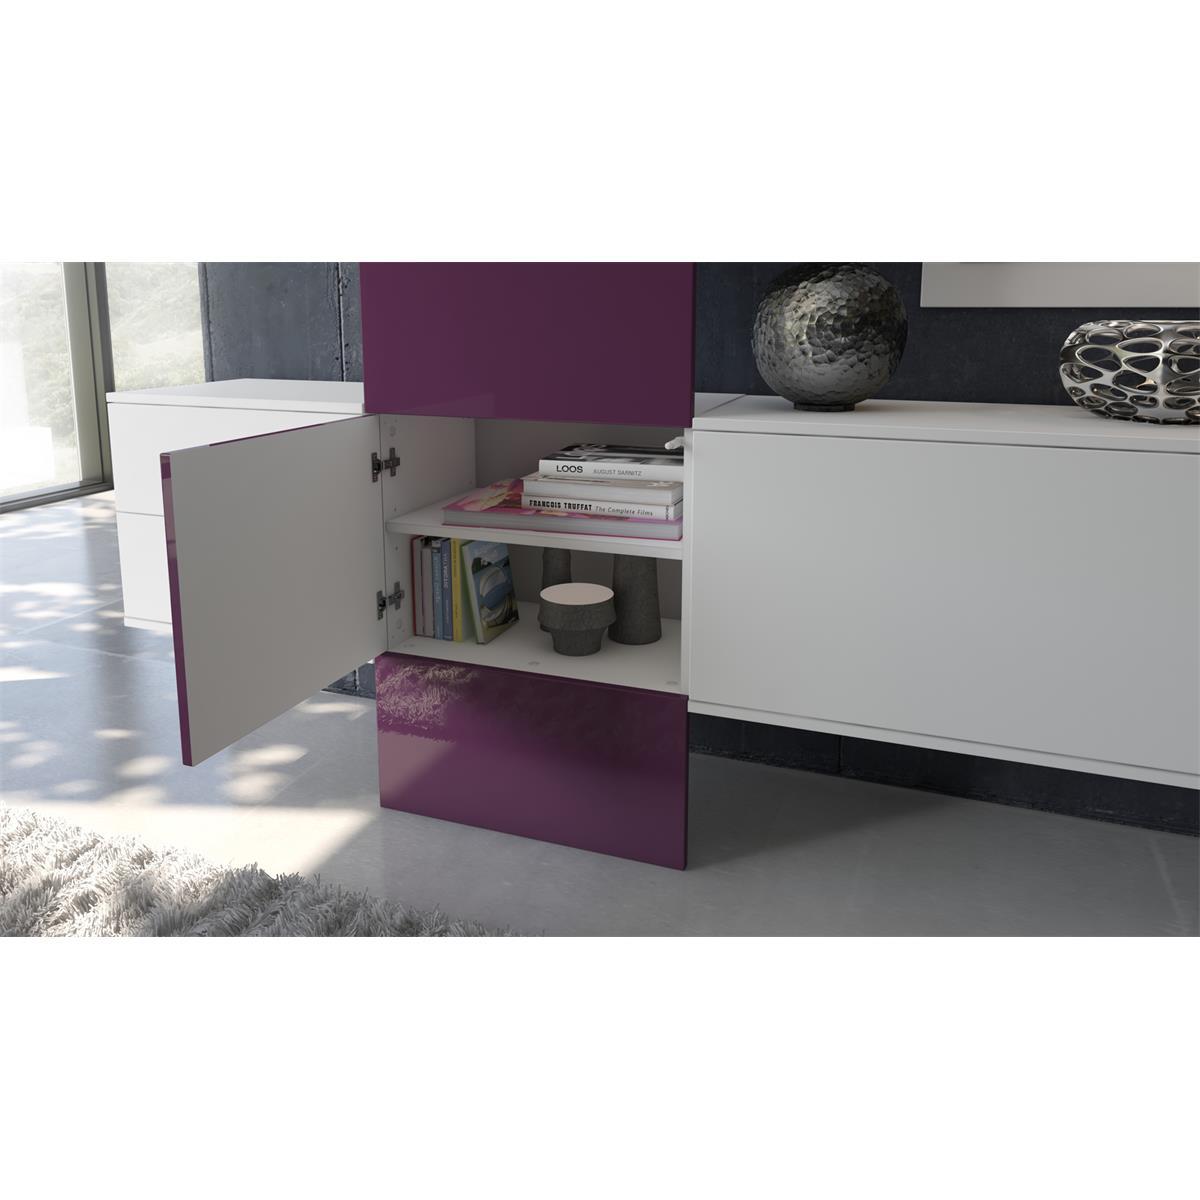 Garderobe carlton set 1 inkl spiegel variable for Schrankmodule schlafzimmer